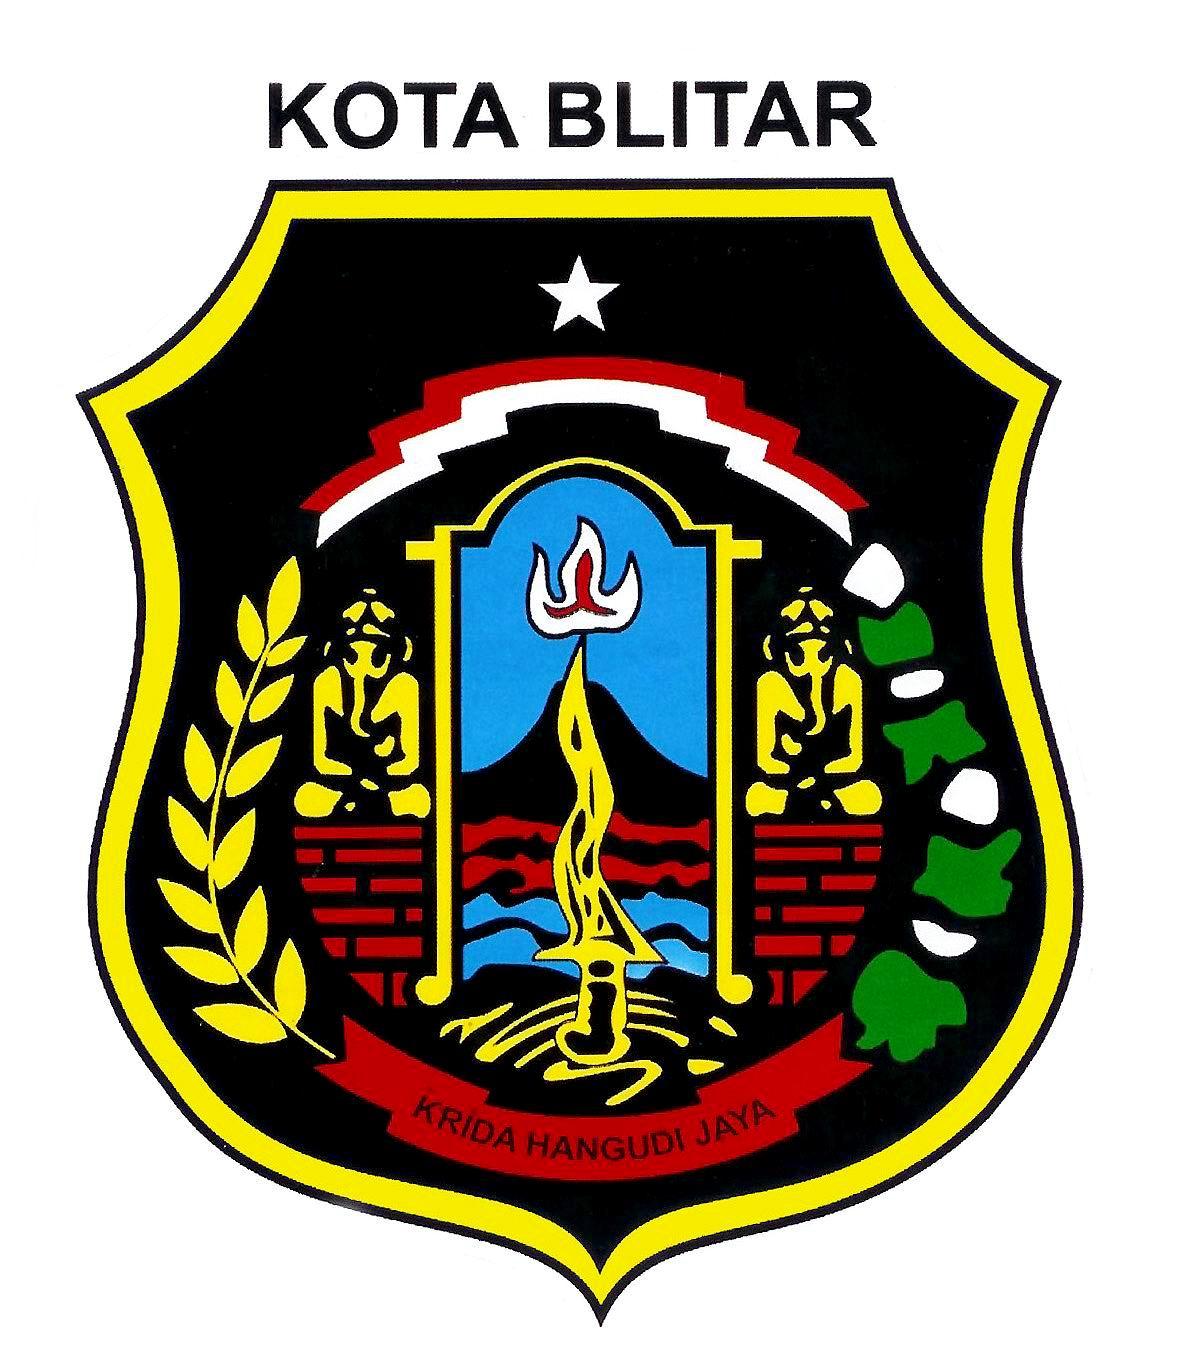 Kota Blitar Blog Logo Taman Hijau Kab